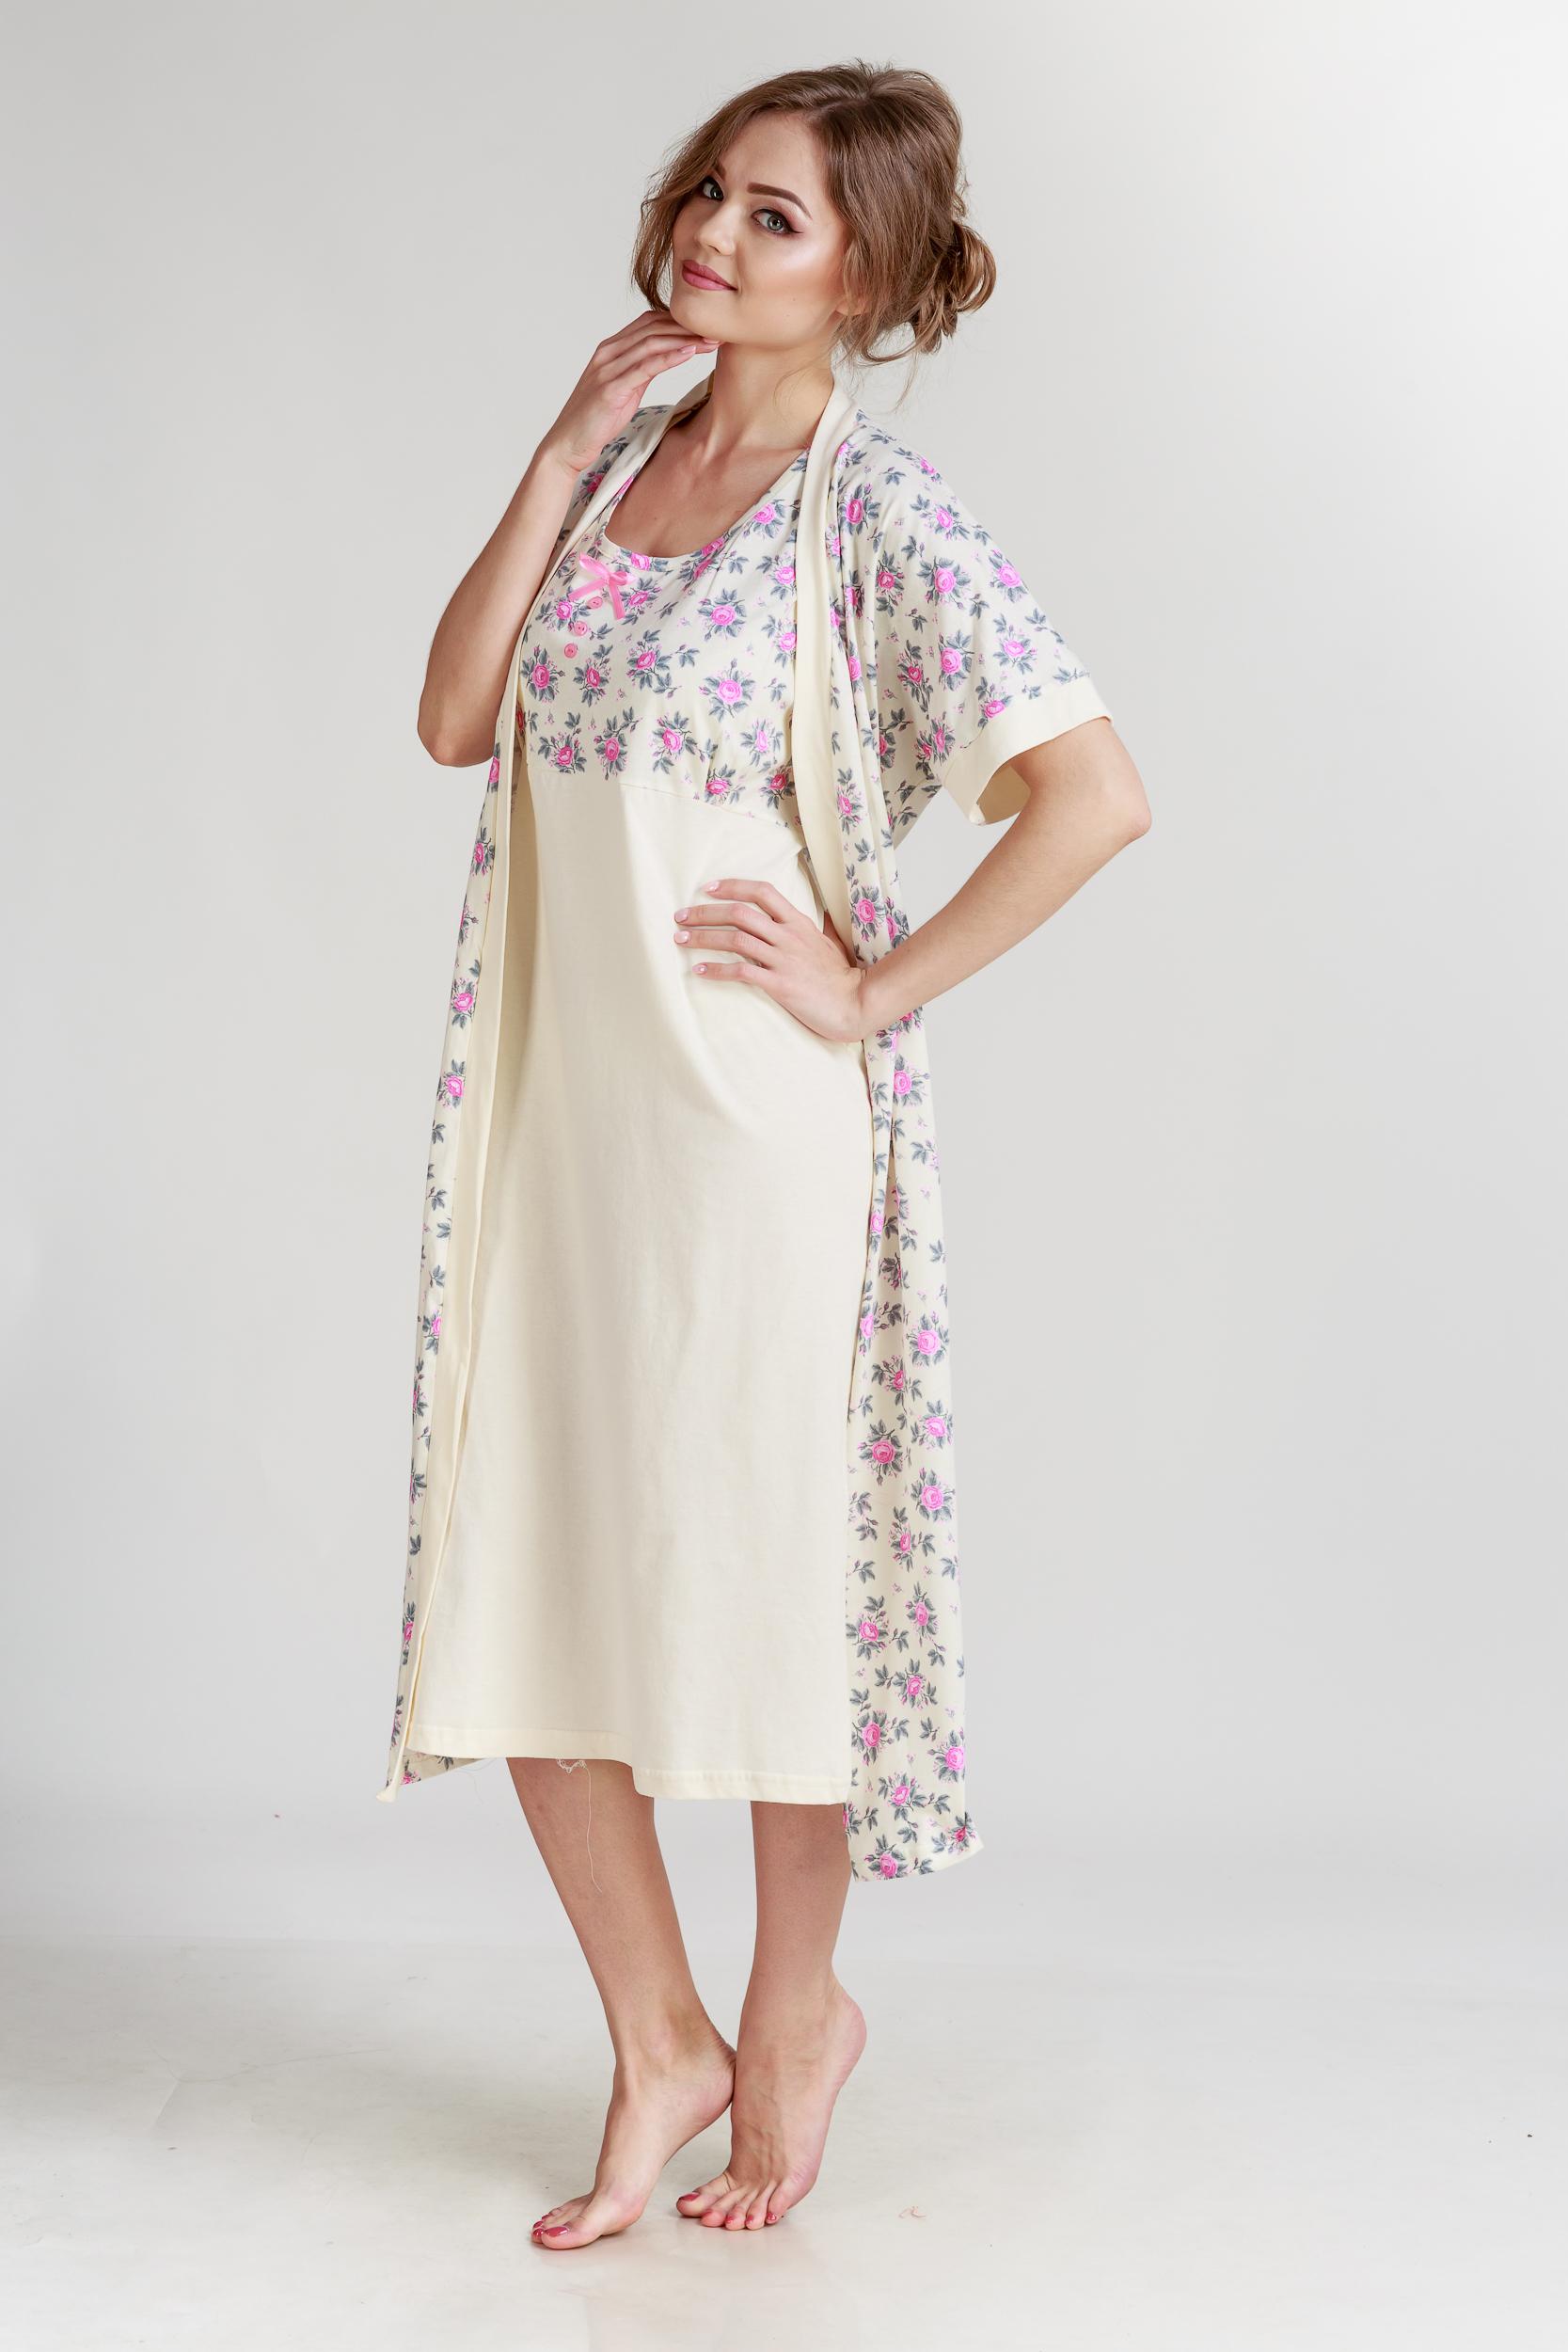 Домашние халаты Pastilla Халат и сорочка Ваниль Цвет: Розовый Экрю (xxL) халаты домашние лори халат